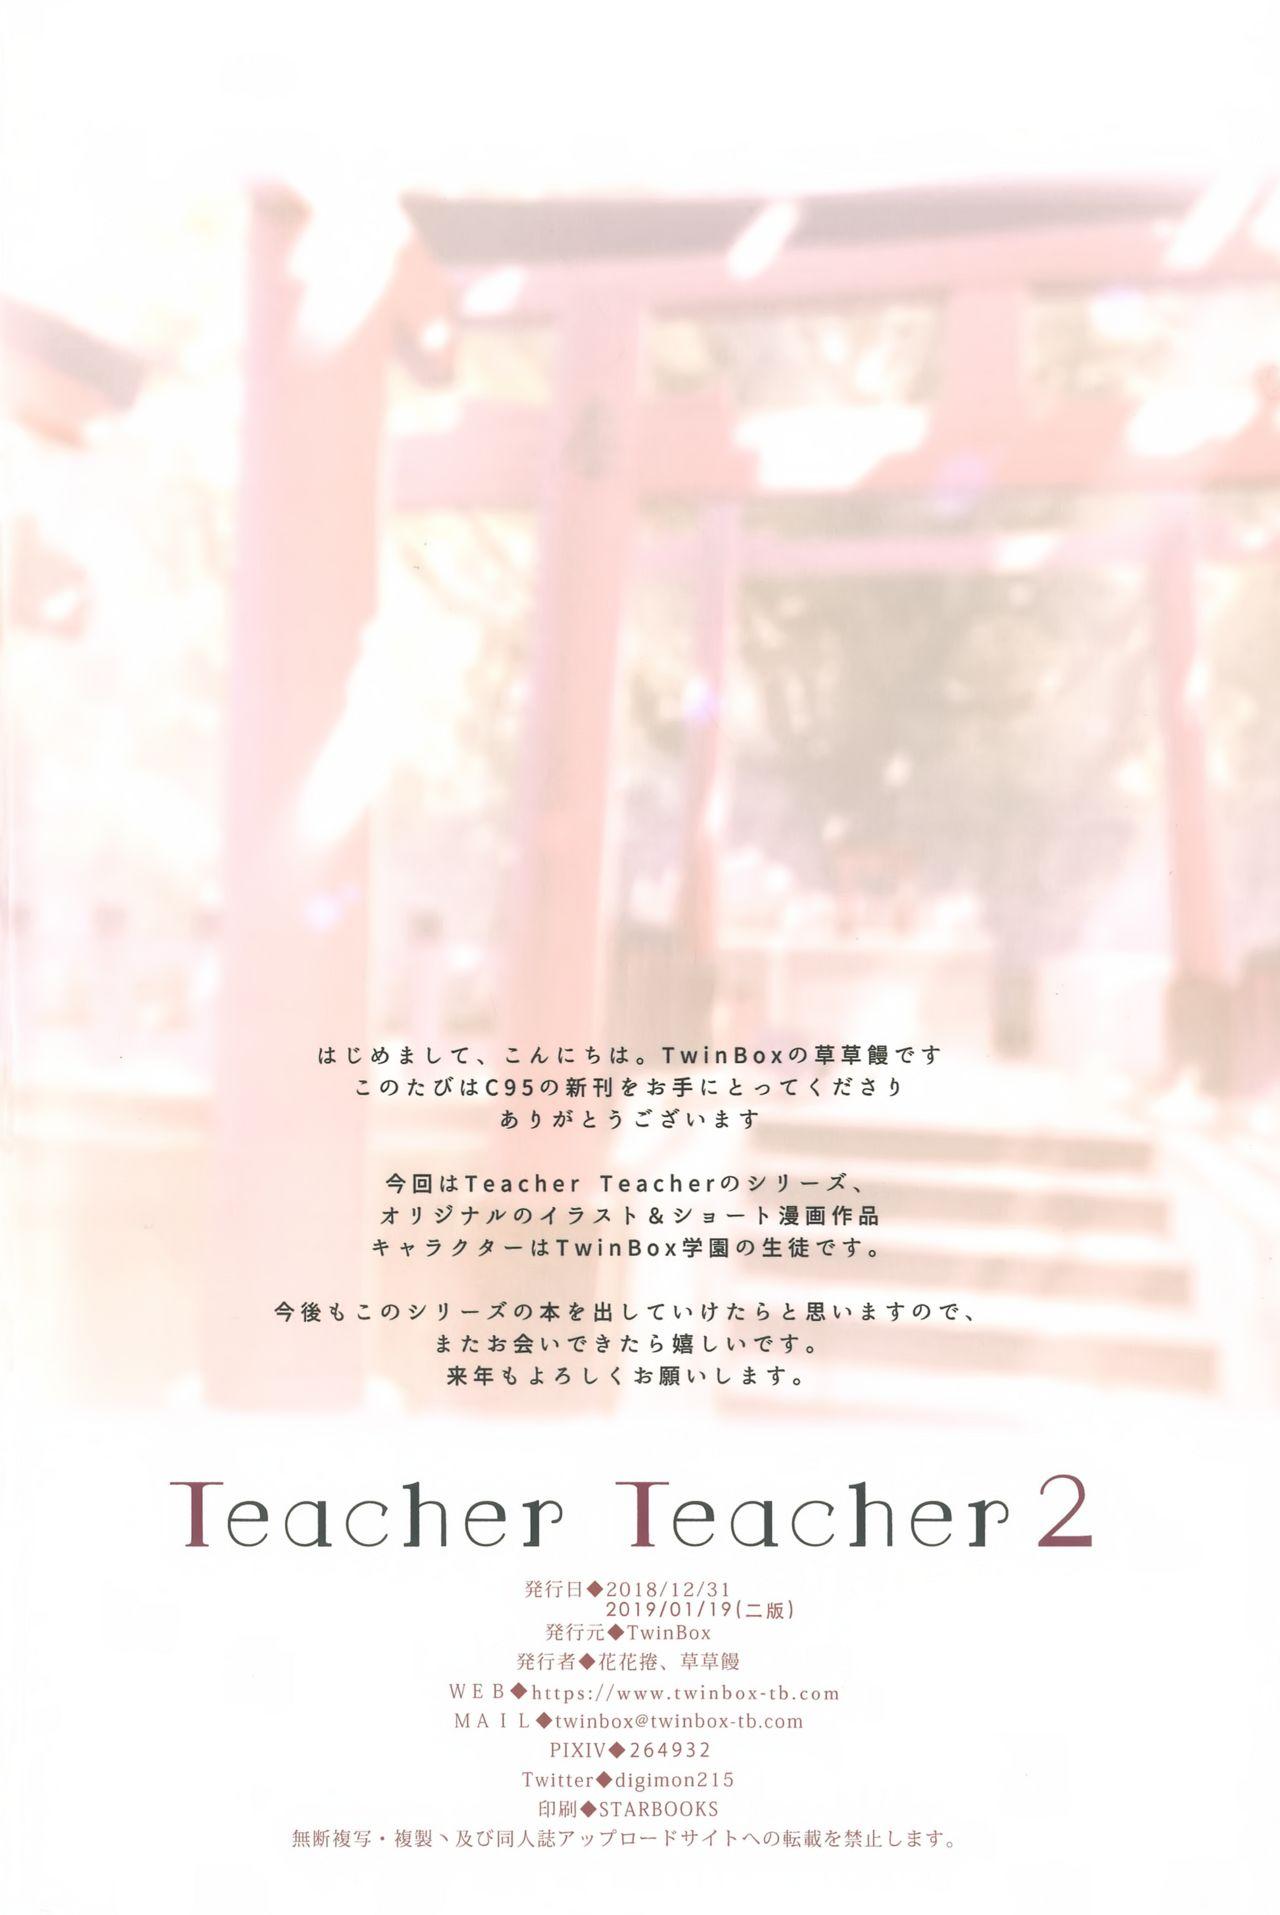 อาจารย์ค่ะ อาจารย์ขา 3 ภาพ 24